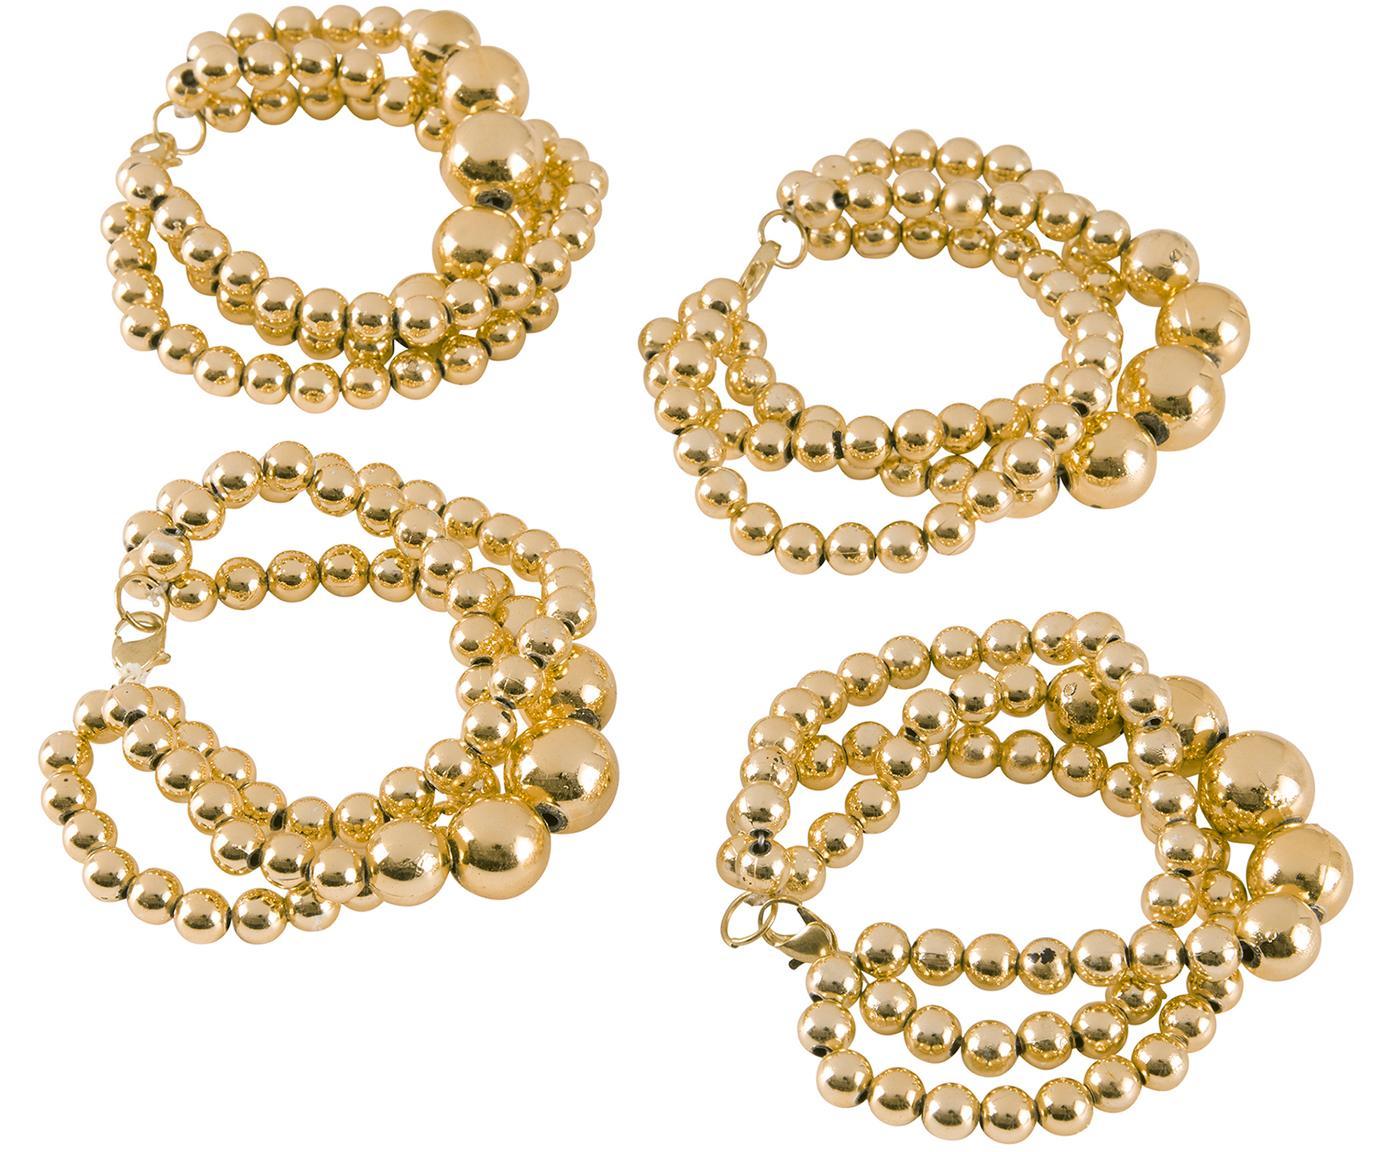 Portatovaglioli Perla 4 pz, Paralume: polietilene, Dorato, Lung. 15 cm